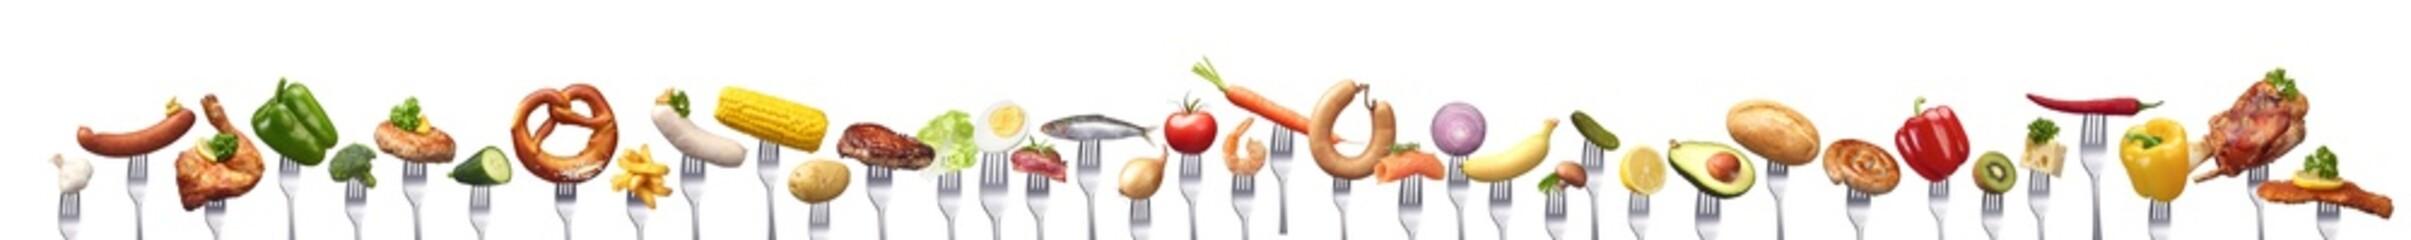 Sehr große Gruppe verschiedener Lebensmitteln